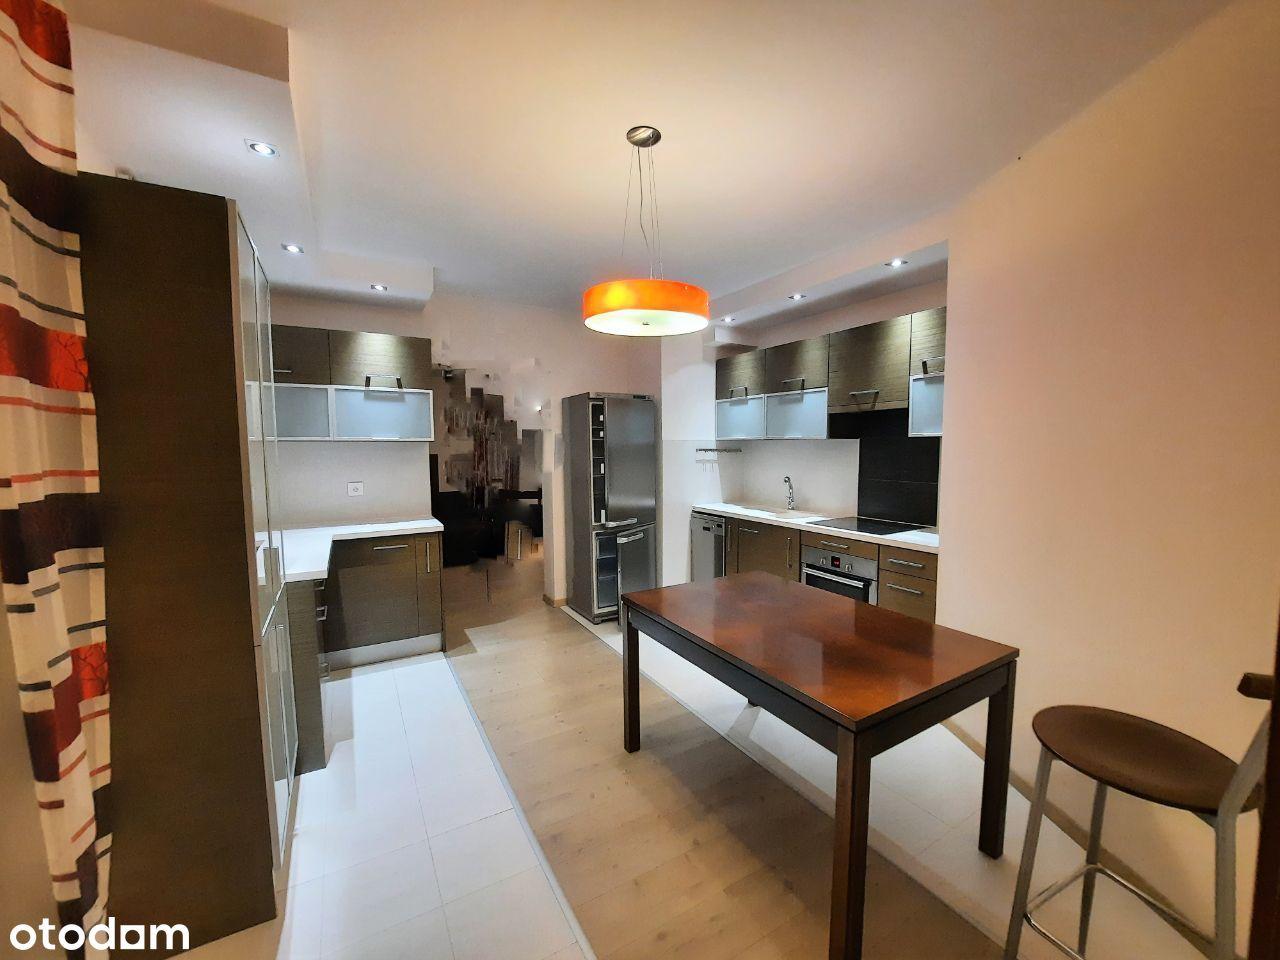 Mieszkanie 39 m2/Kameralne osiedle/OKAZJA